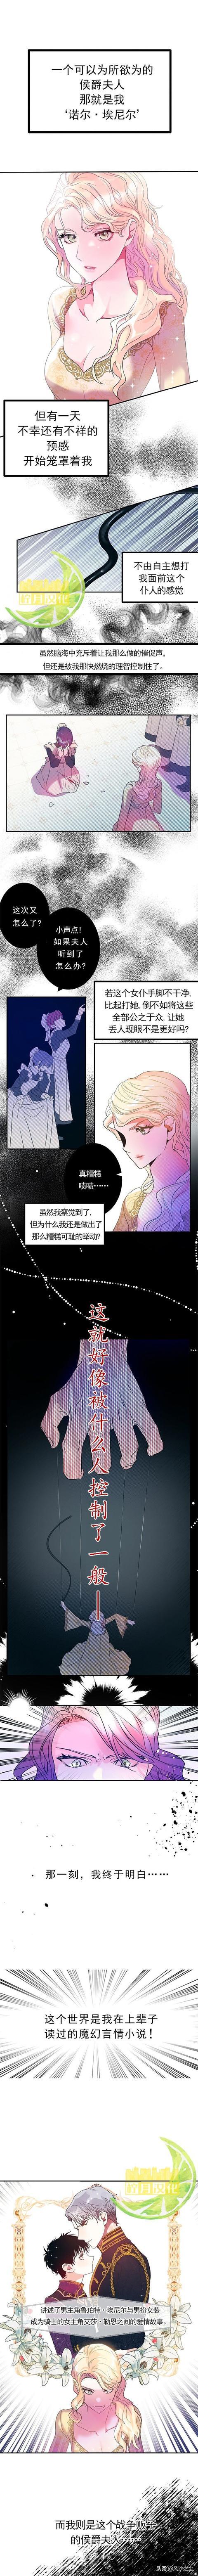 土炮韩漫漫画,韩漫,我养大了好战丈夫的孩子(简介)